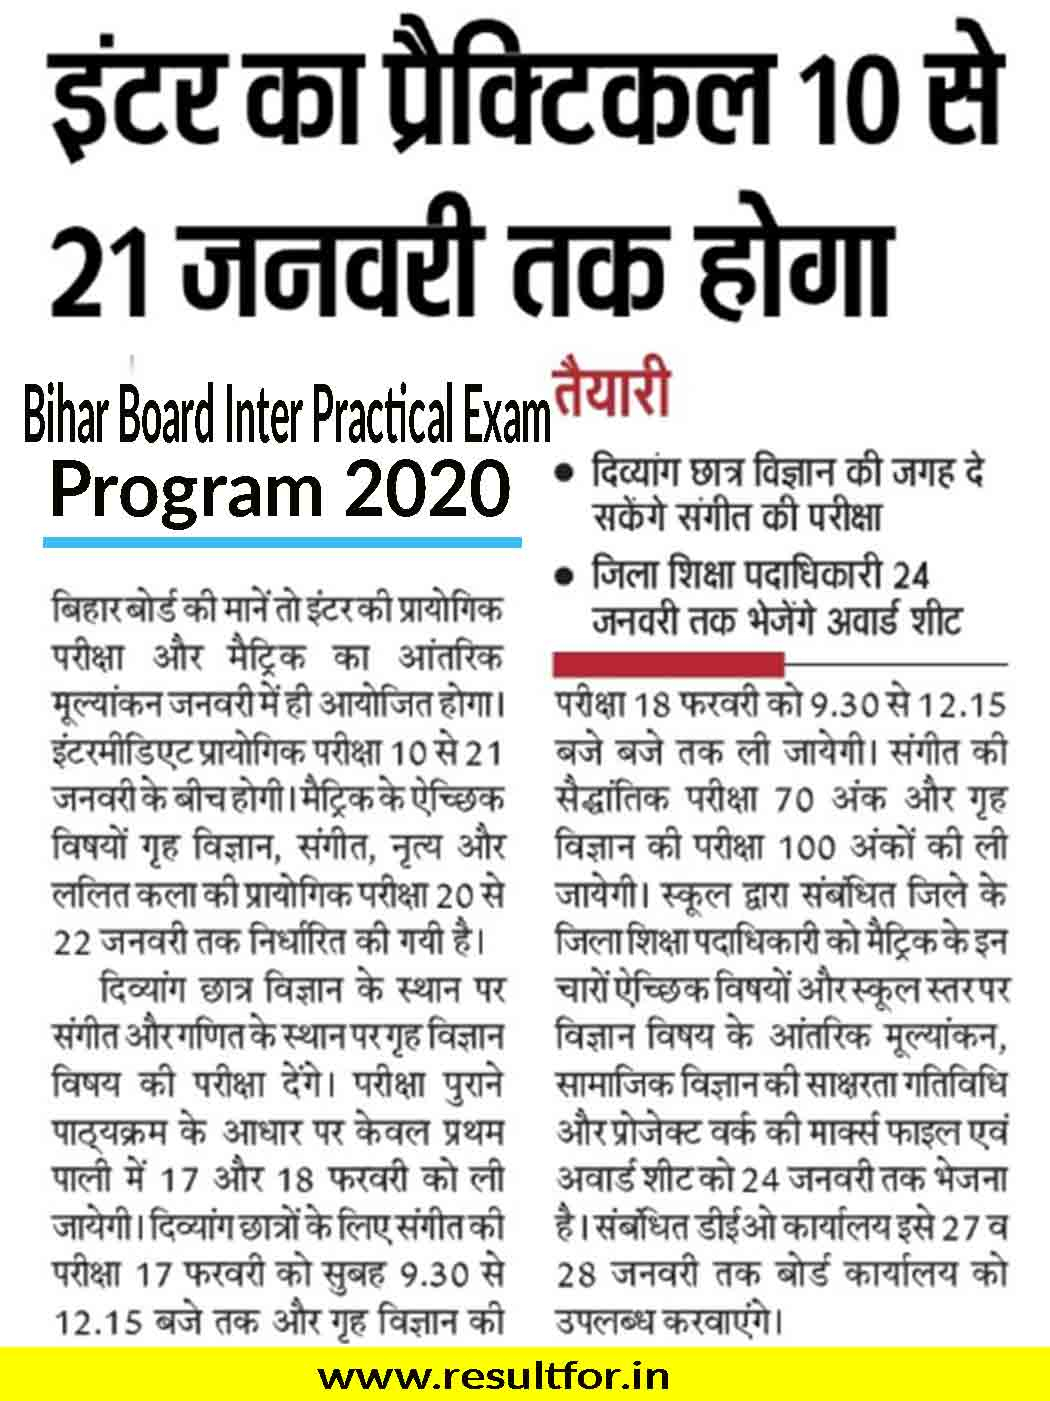 Bihar Board Inter Practical Exam Date Sheet 2020. | Bihar Board within Download Bihar Sarkar Calendar 2020